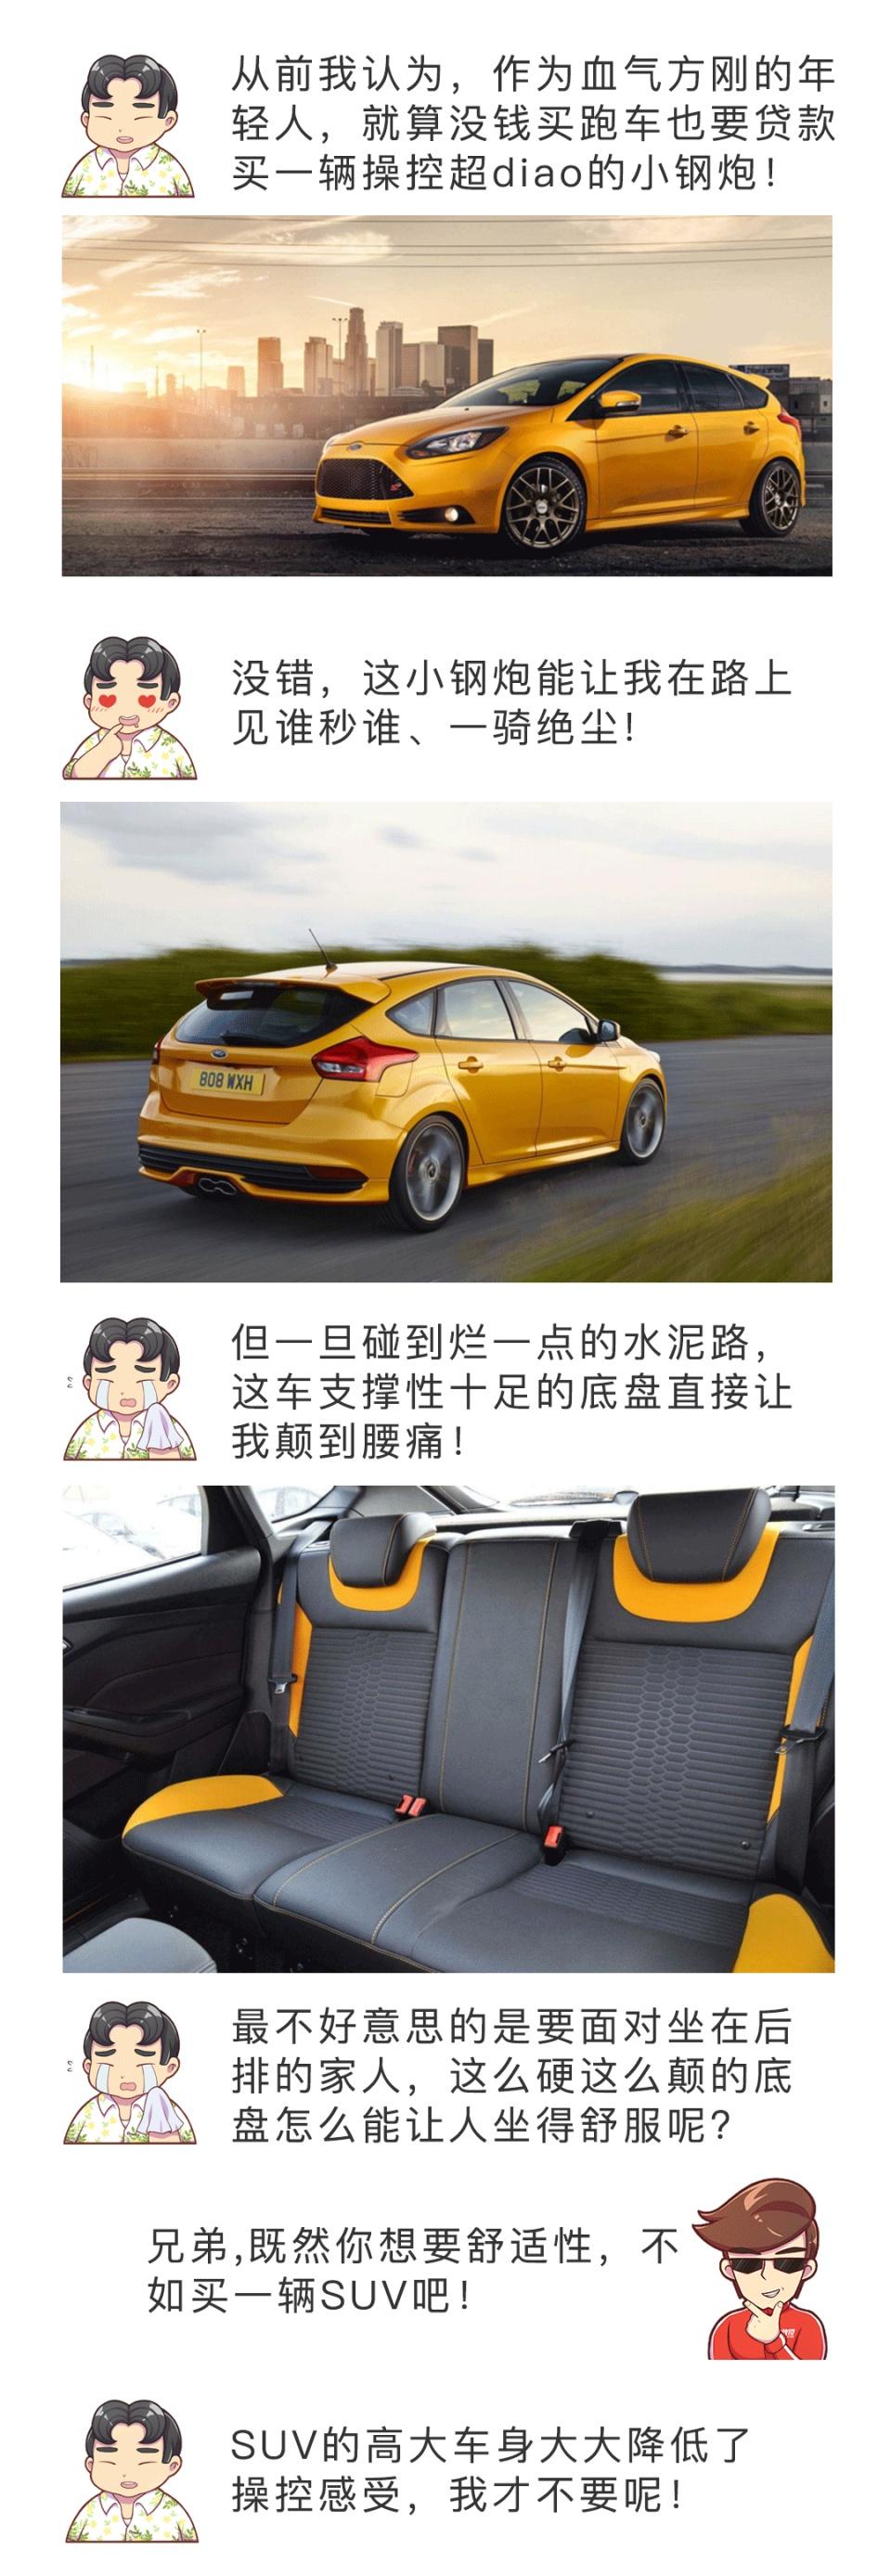 真的有又好开又舒适的车?10多万给你推荐3台